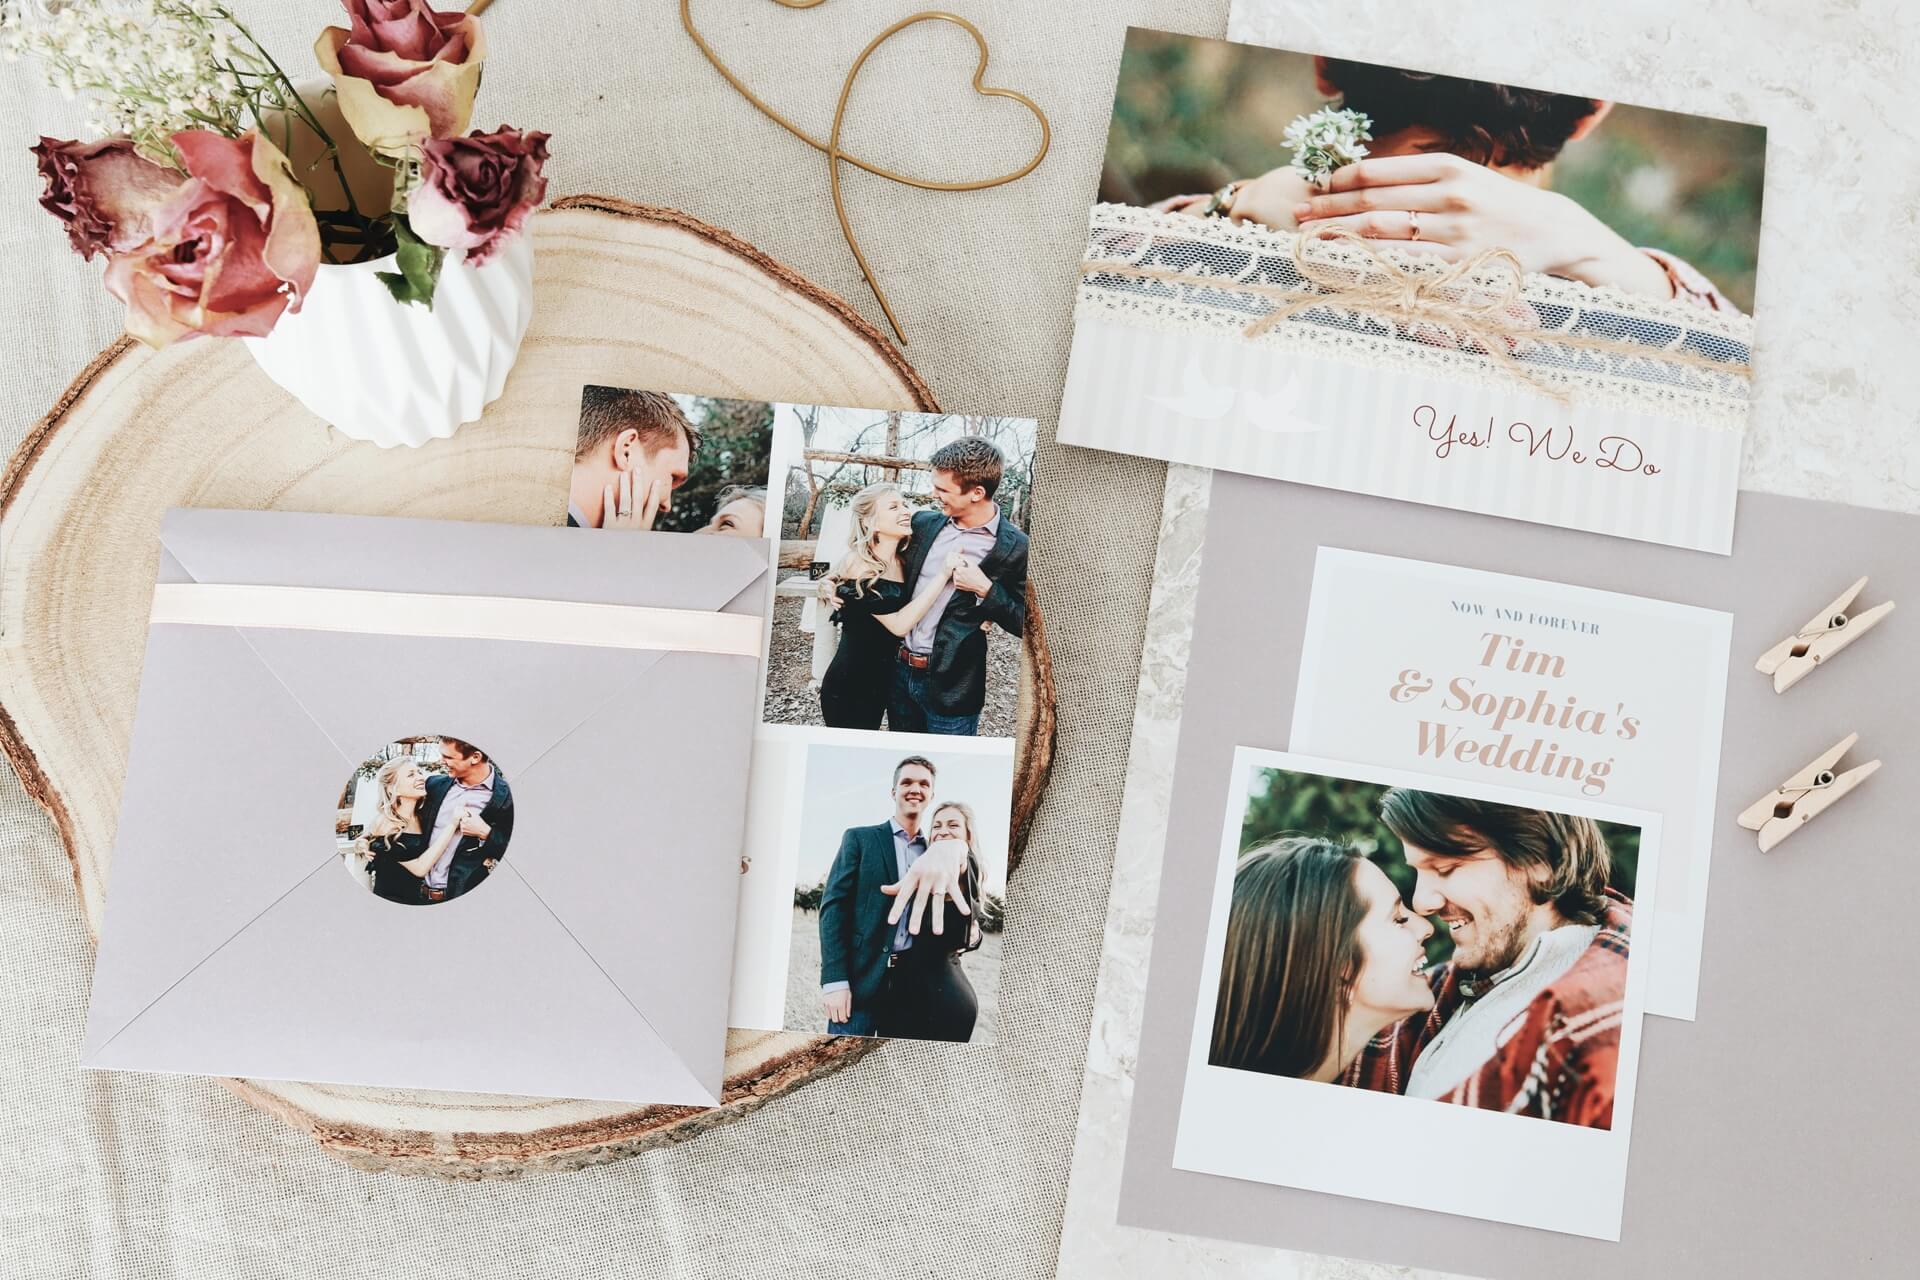 Ausgefallene Hochzeitseinladungen selbst gestalten | ifolor